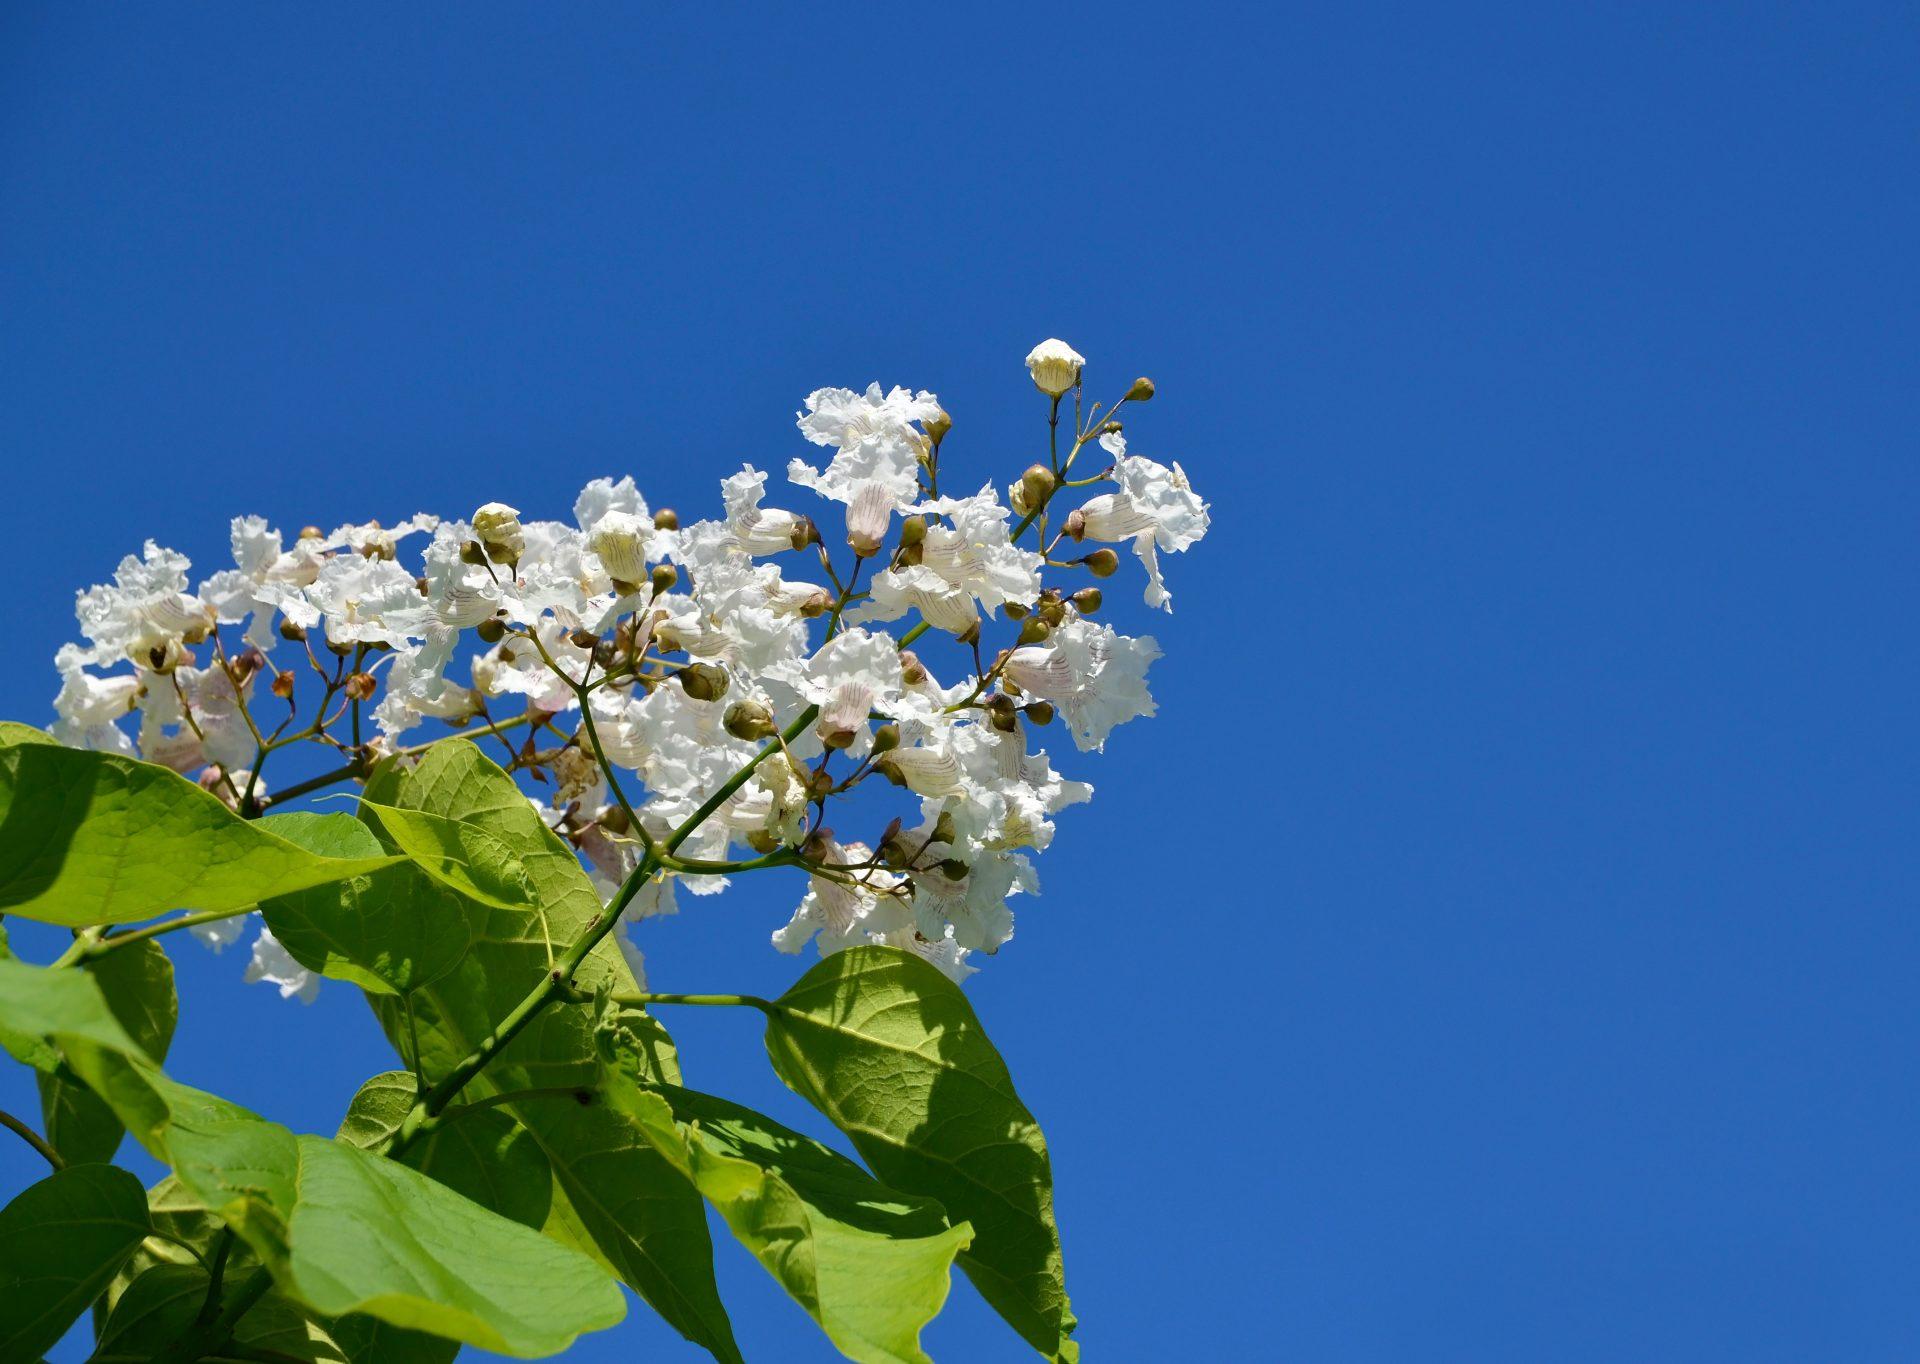 kvety-ovocny-strom-plody-obloha-listy